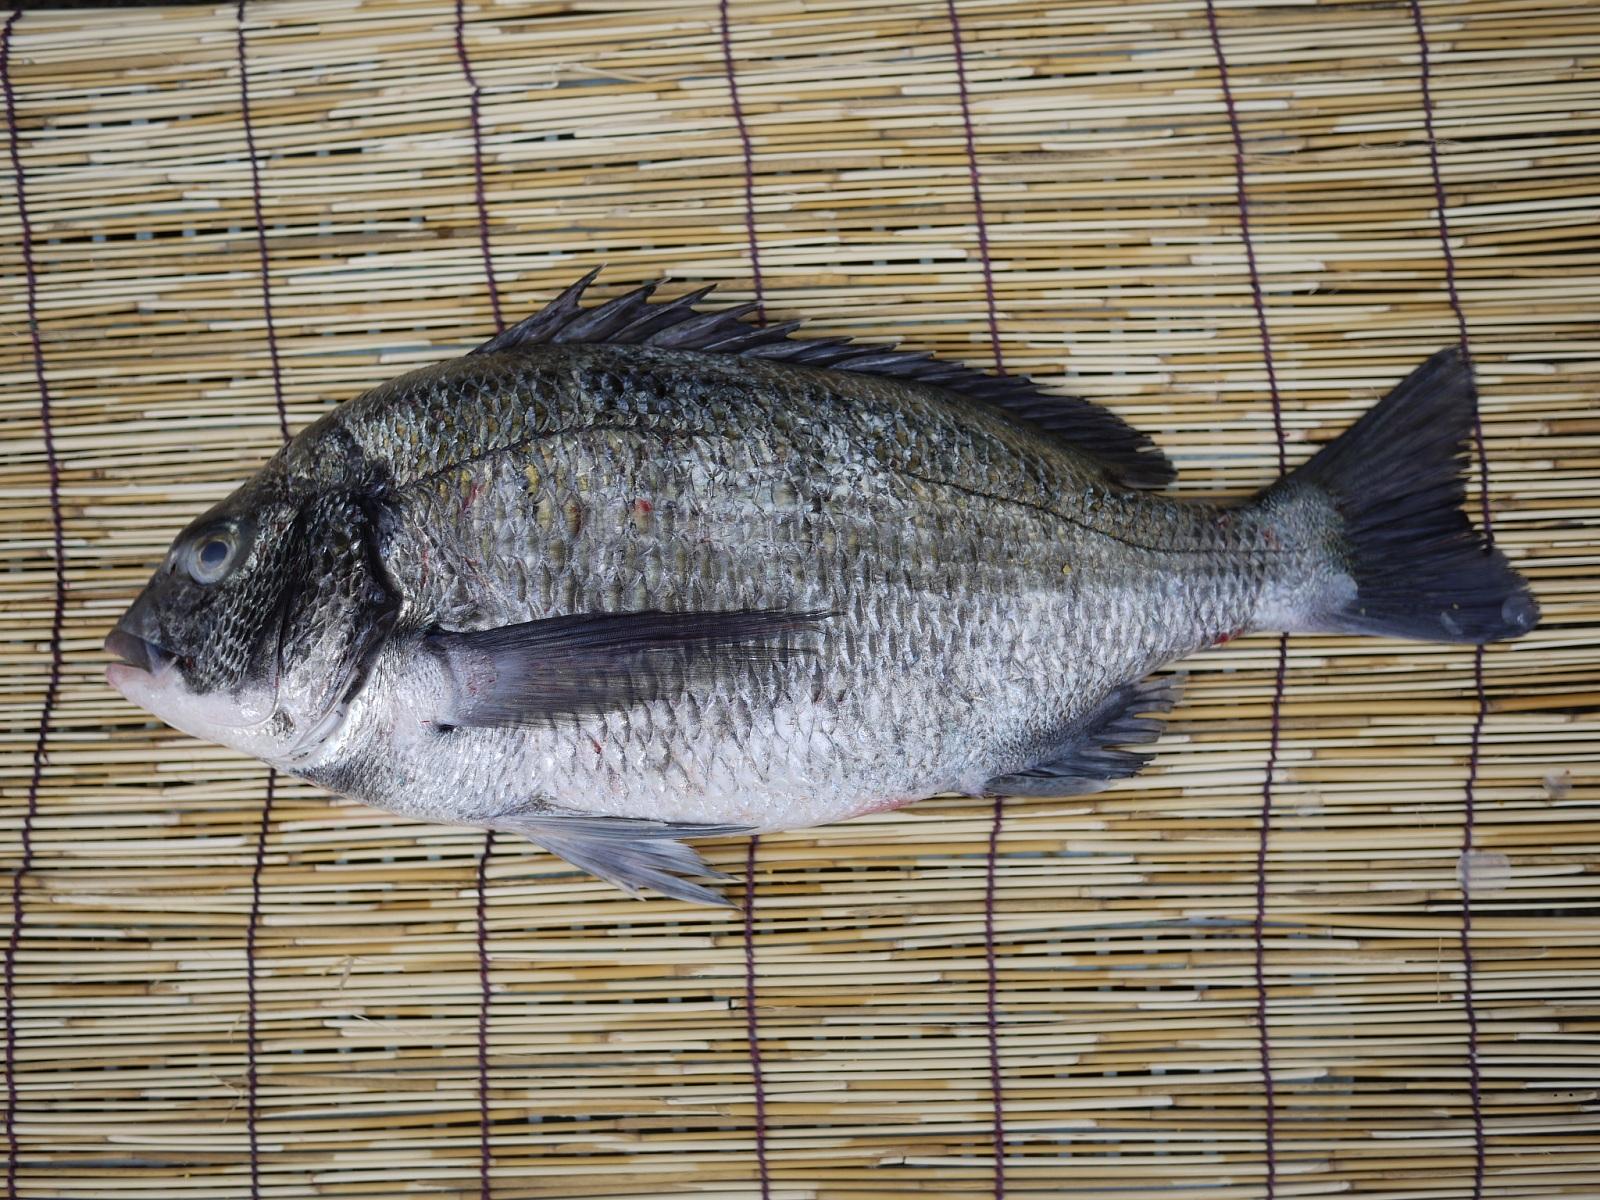 【送料無料】愛知県産 社長の目利き 天然 黒鯛(クロダイ) 2kg前後